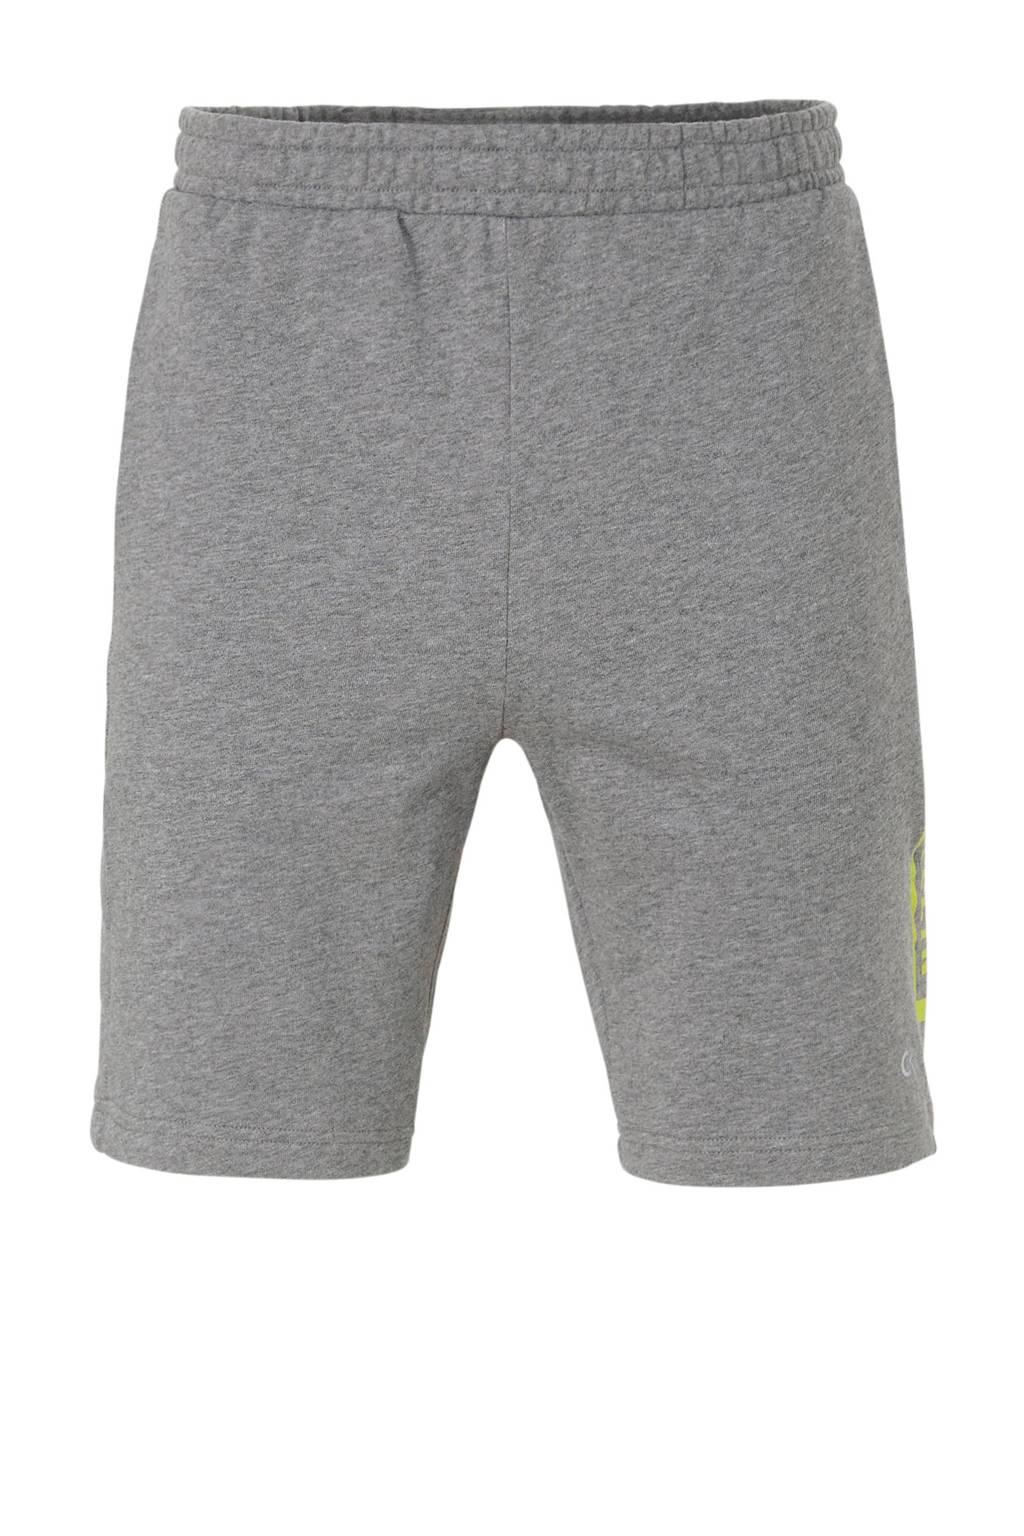 Calvin Klein   sportshort met printopdruk grijs, Grijs